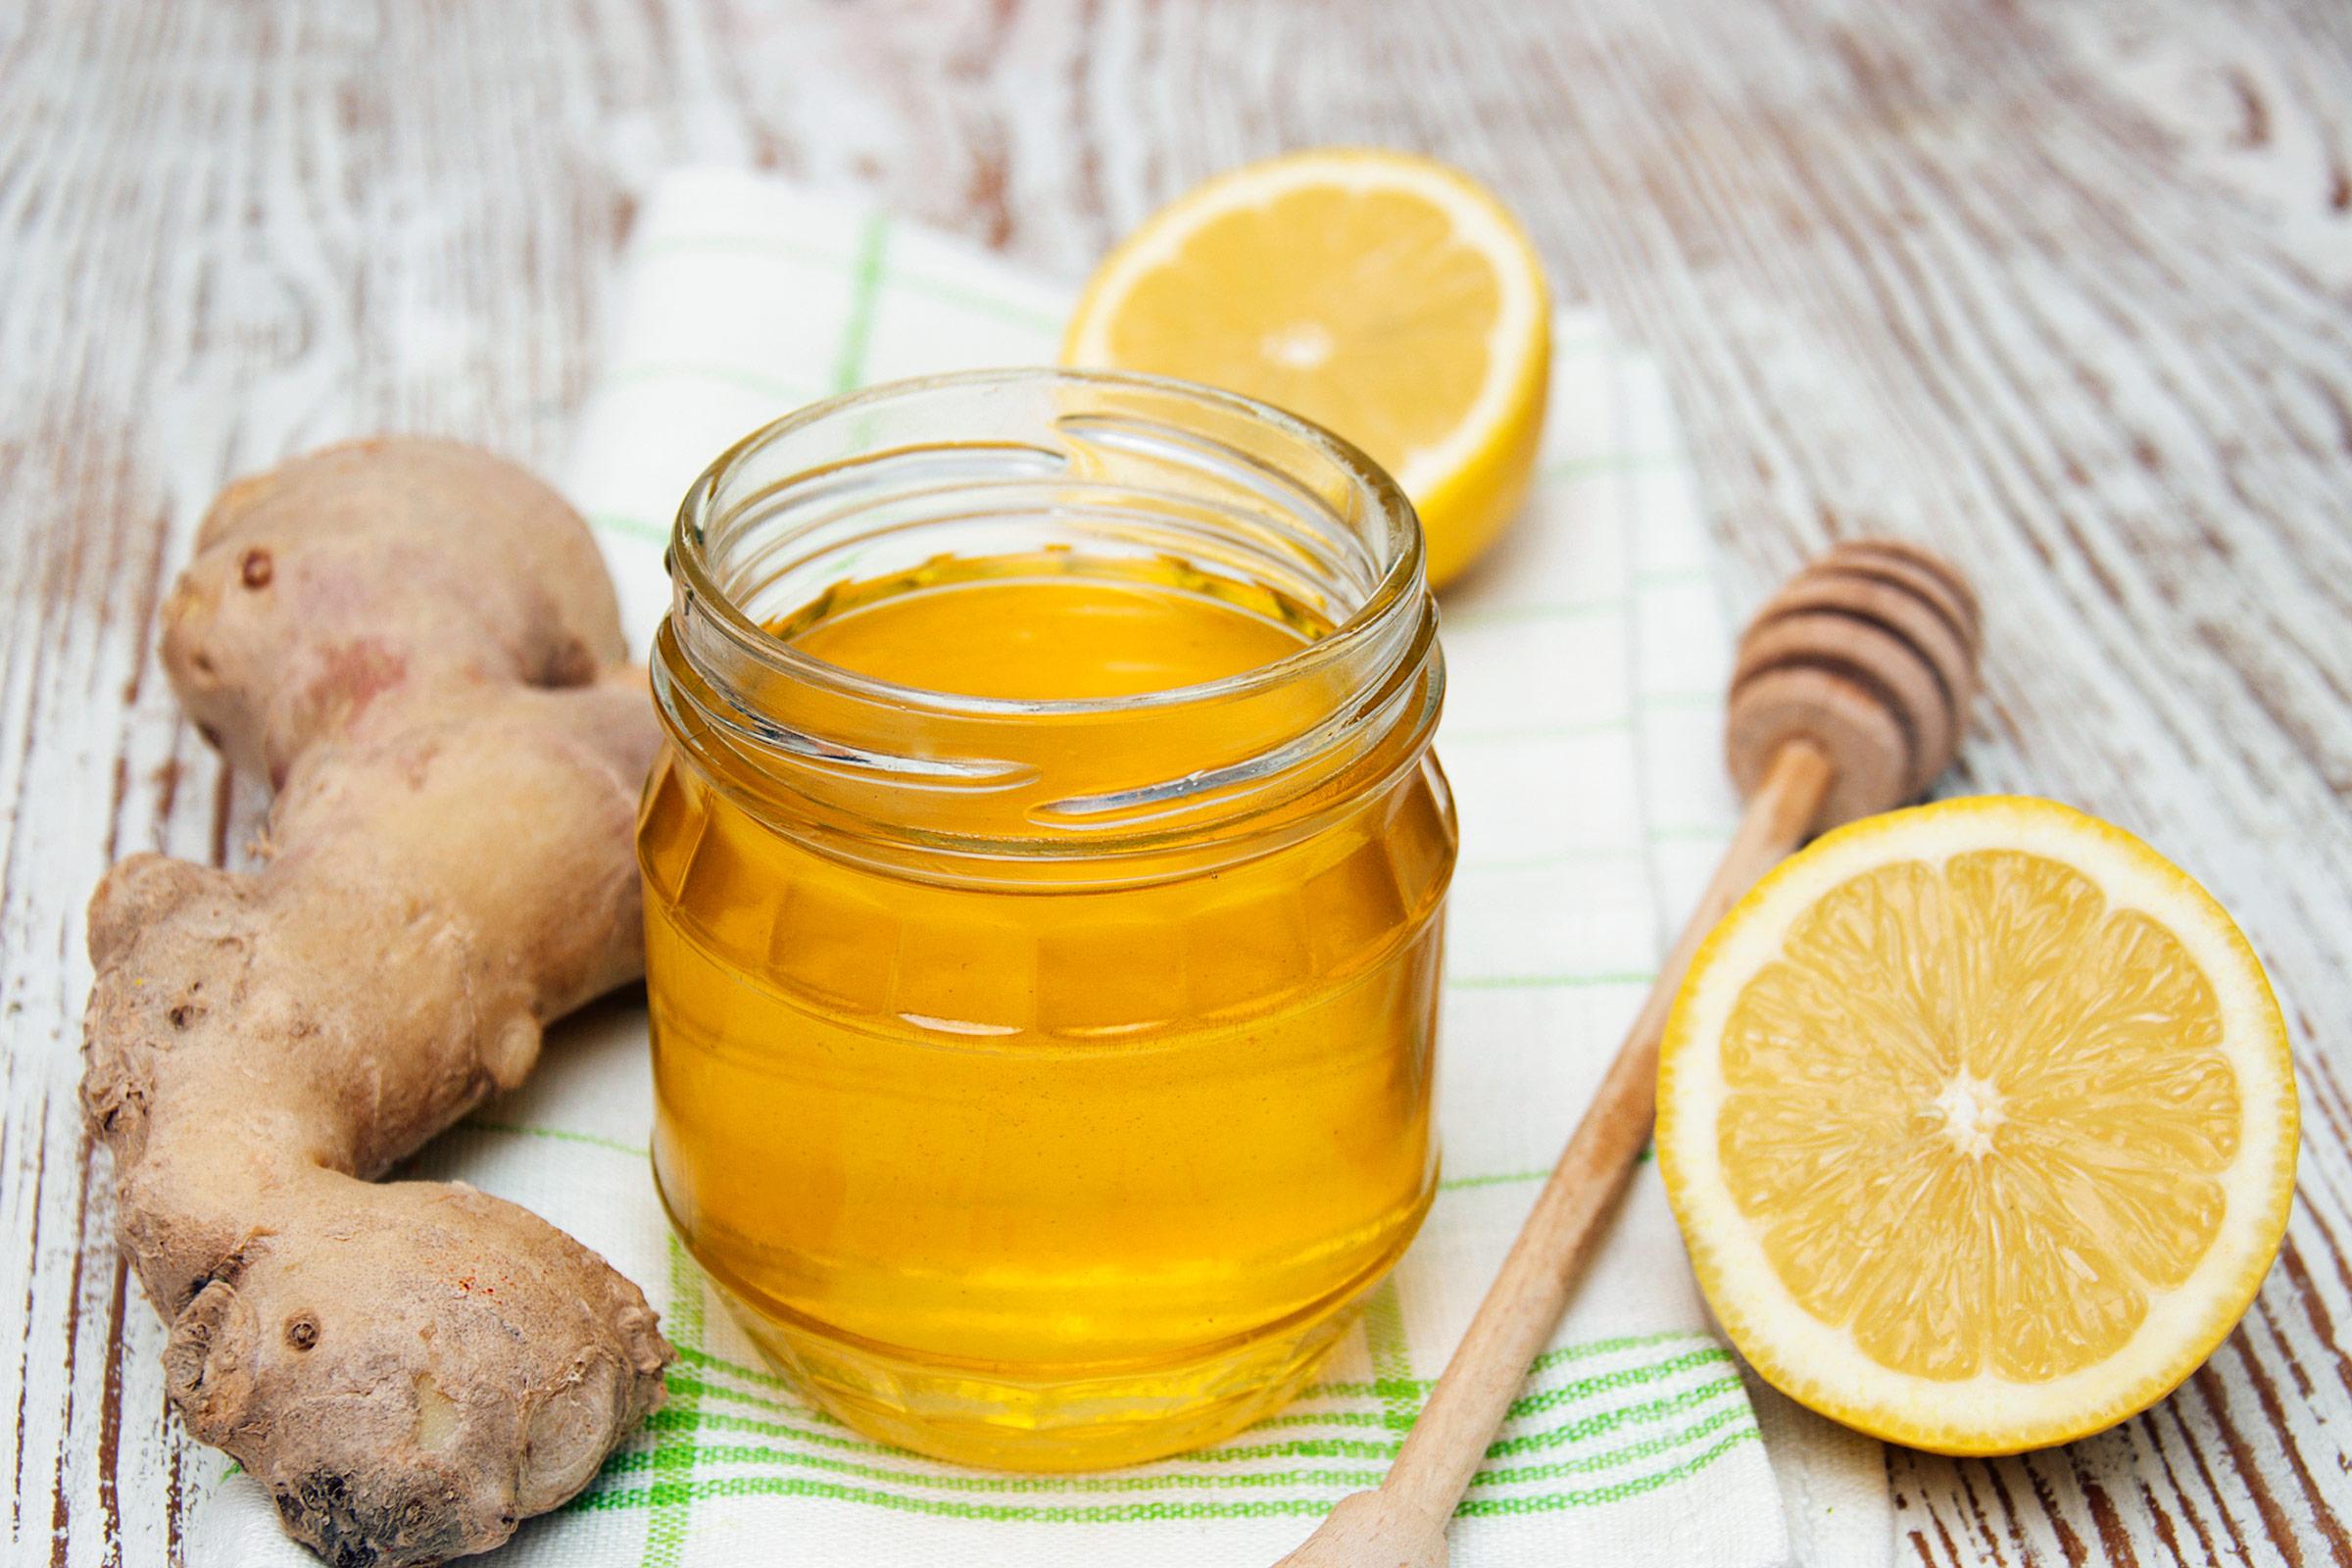 Beneficios de la miel de abejas y el jengibre – SCA